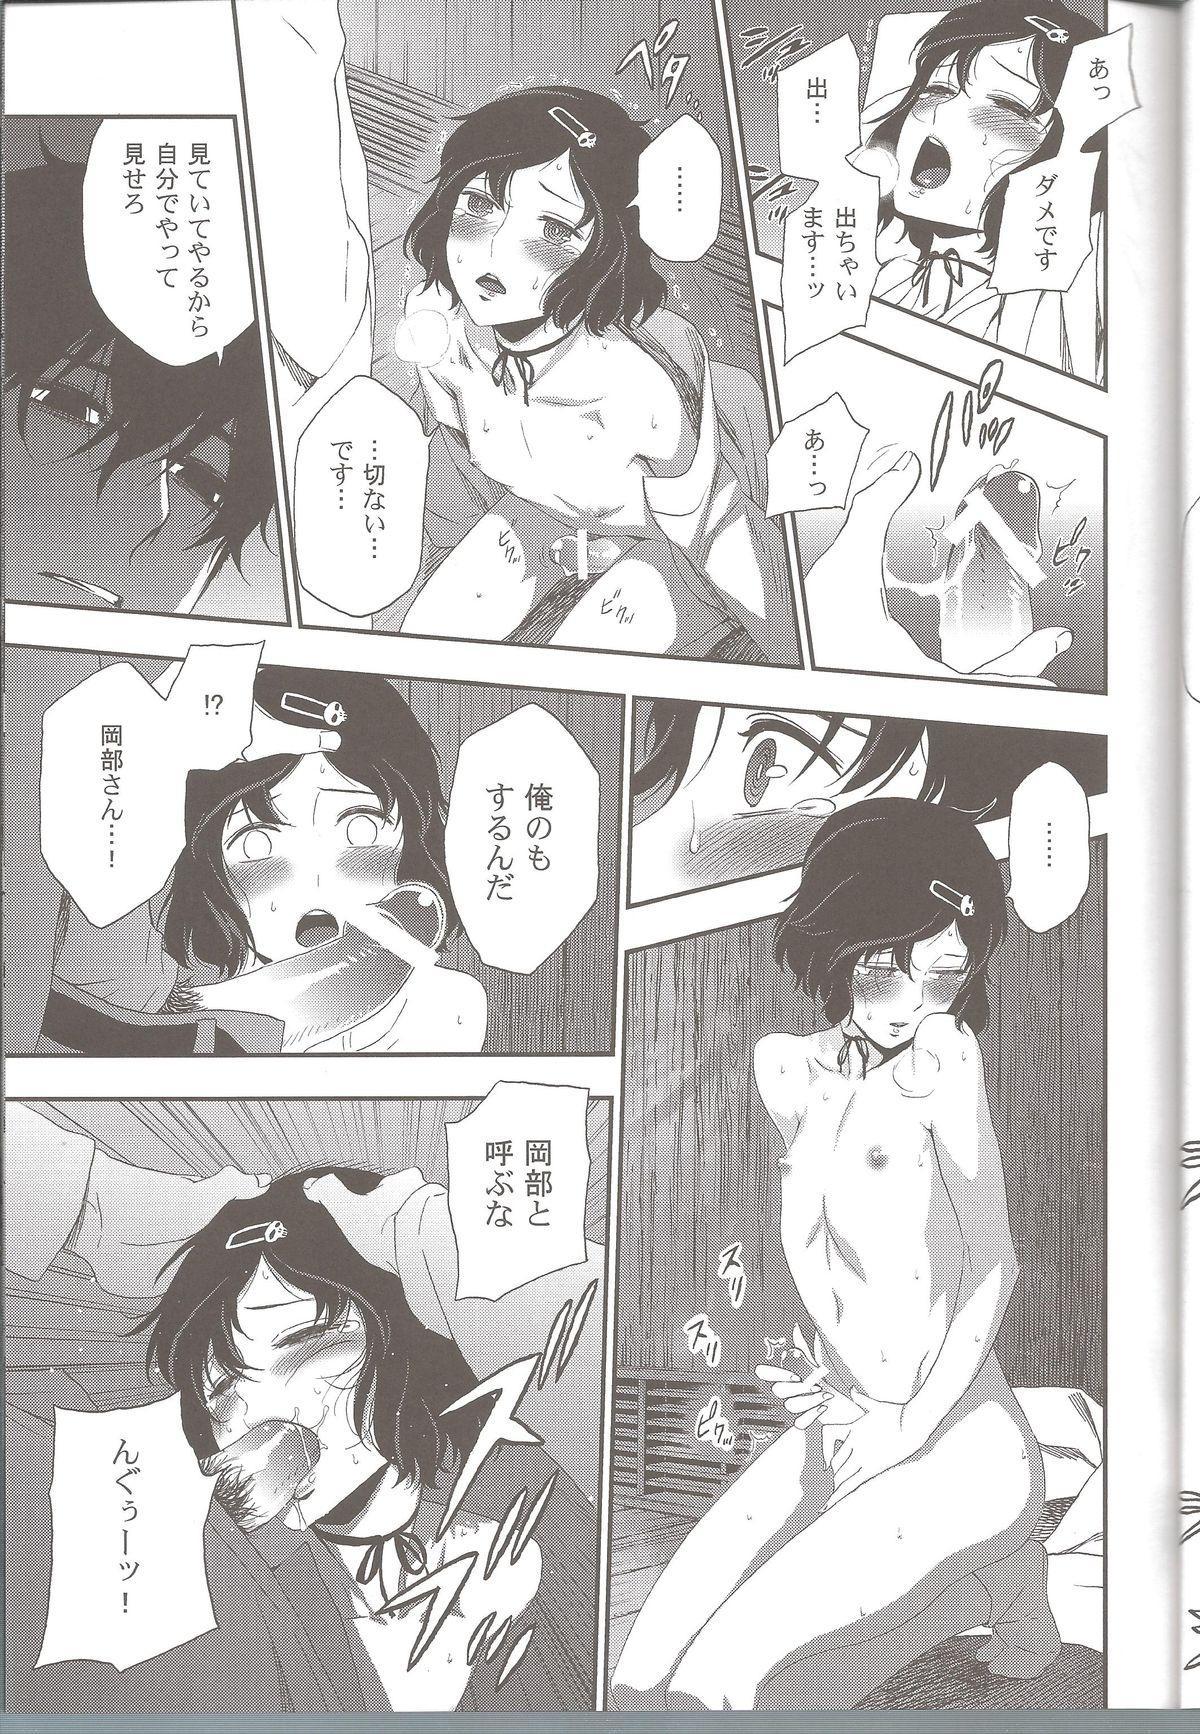 Shiiseishou no Maria 26